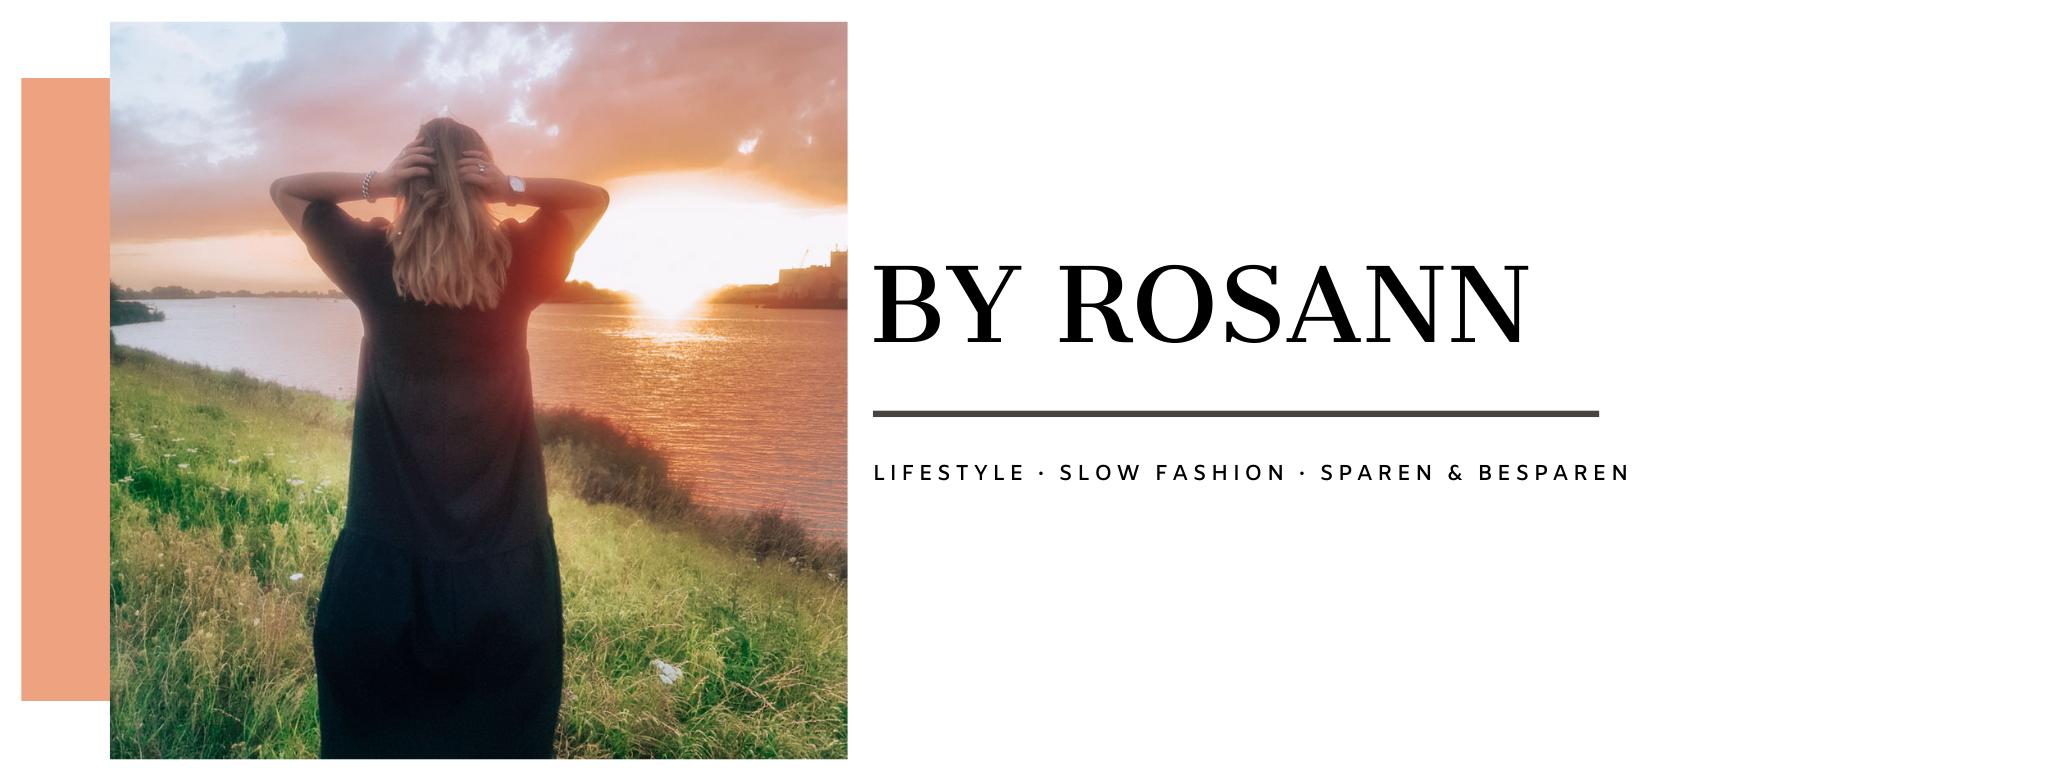 BY ROSANN